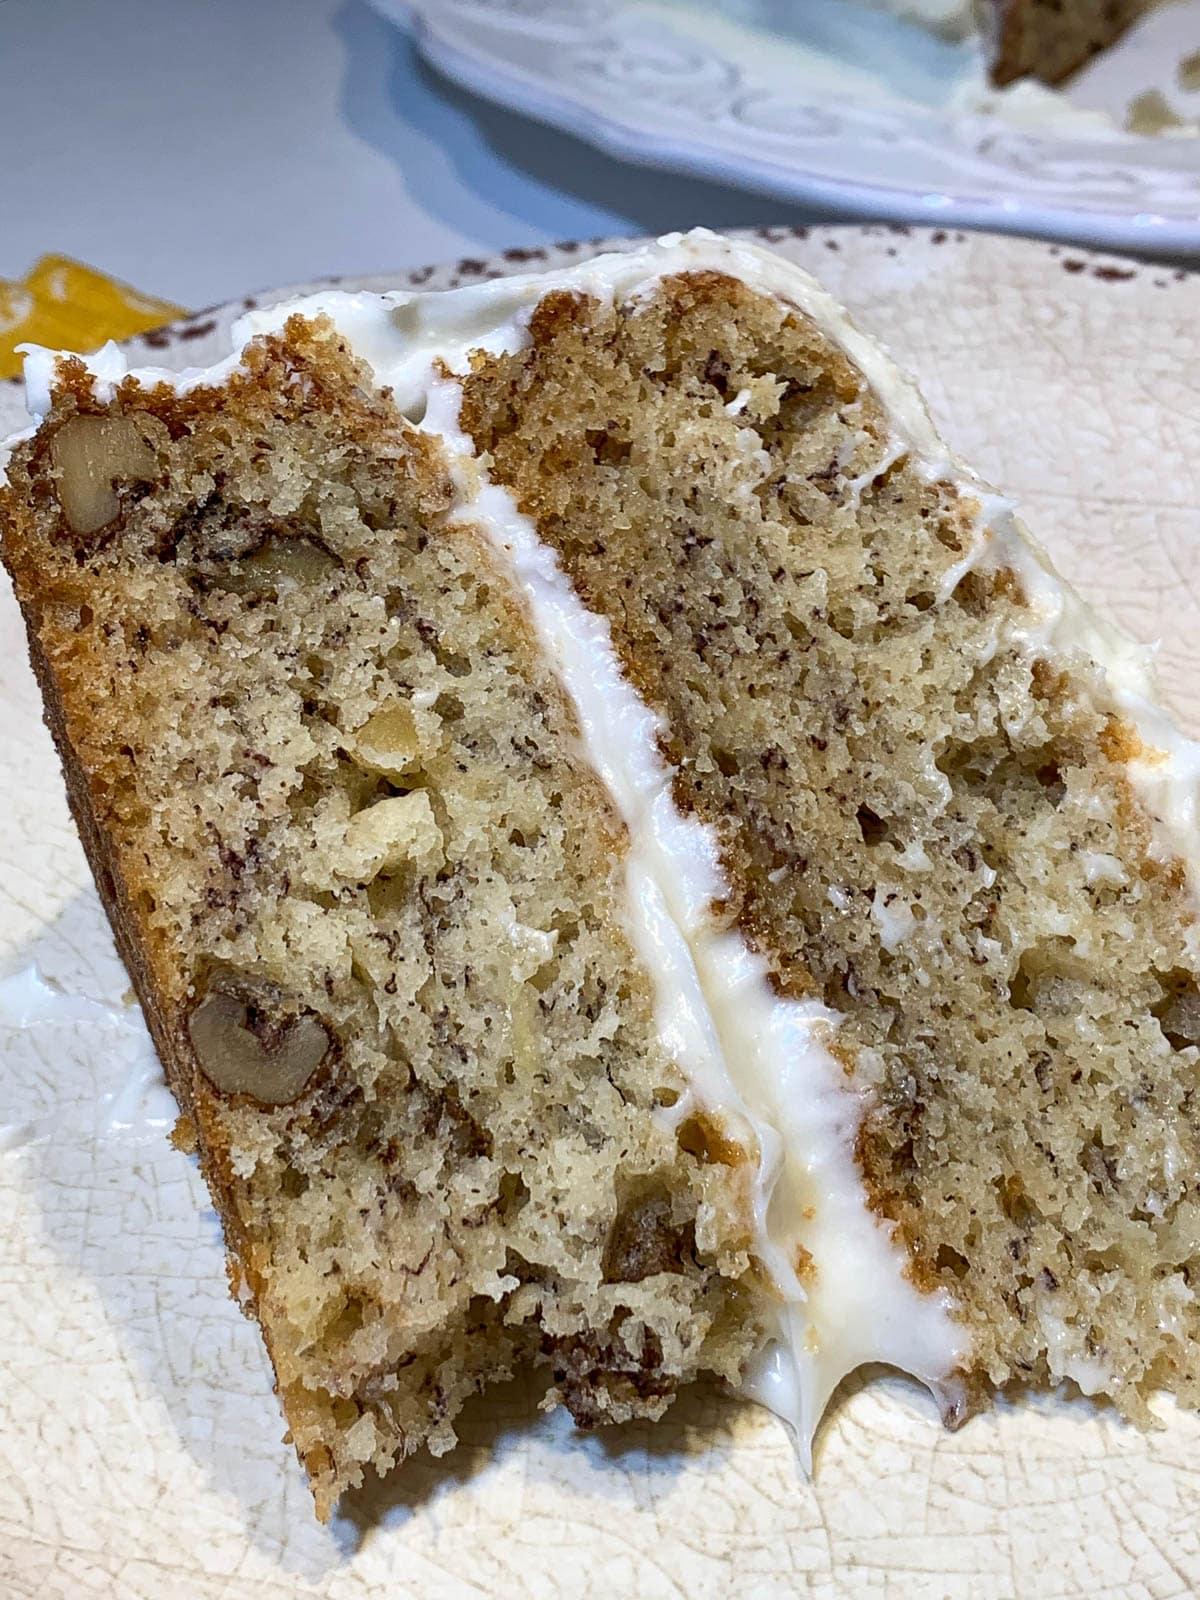 banana cake with walnuts